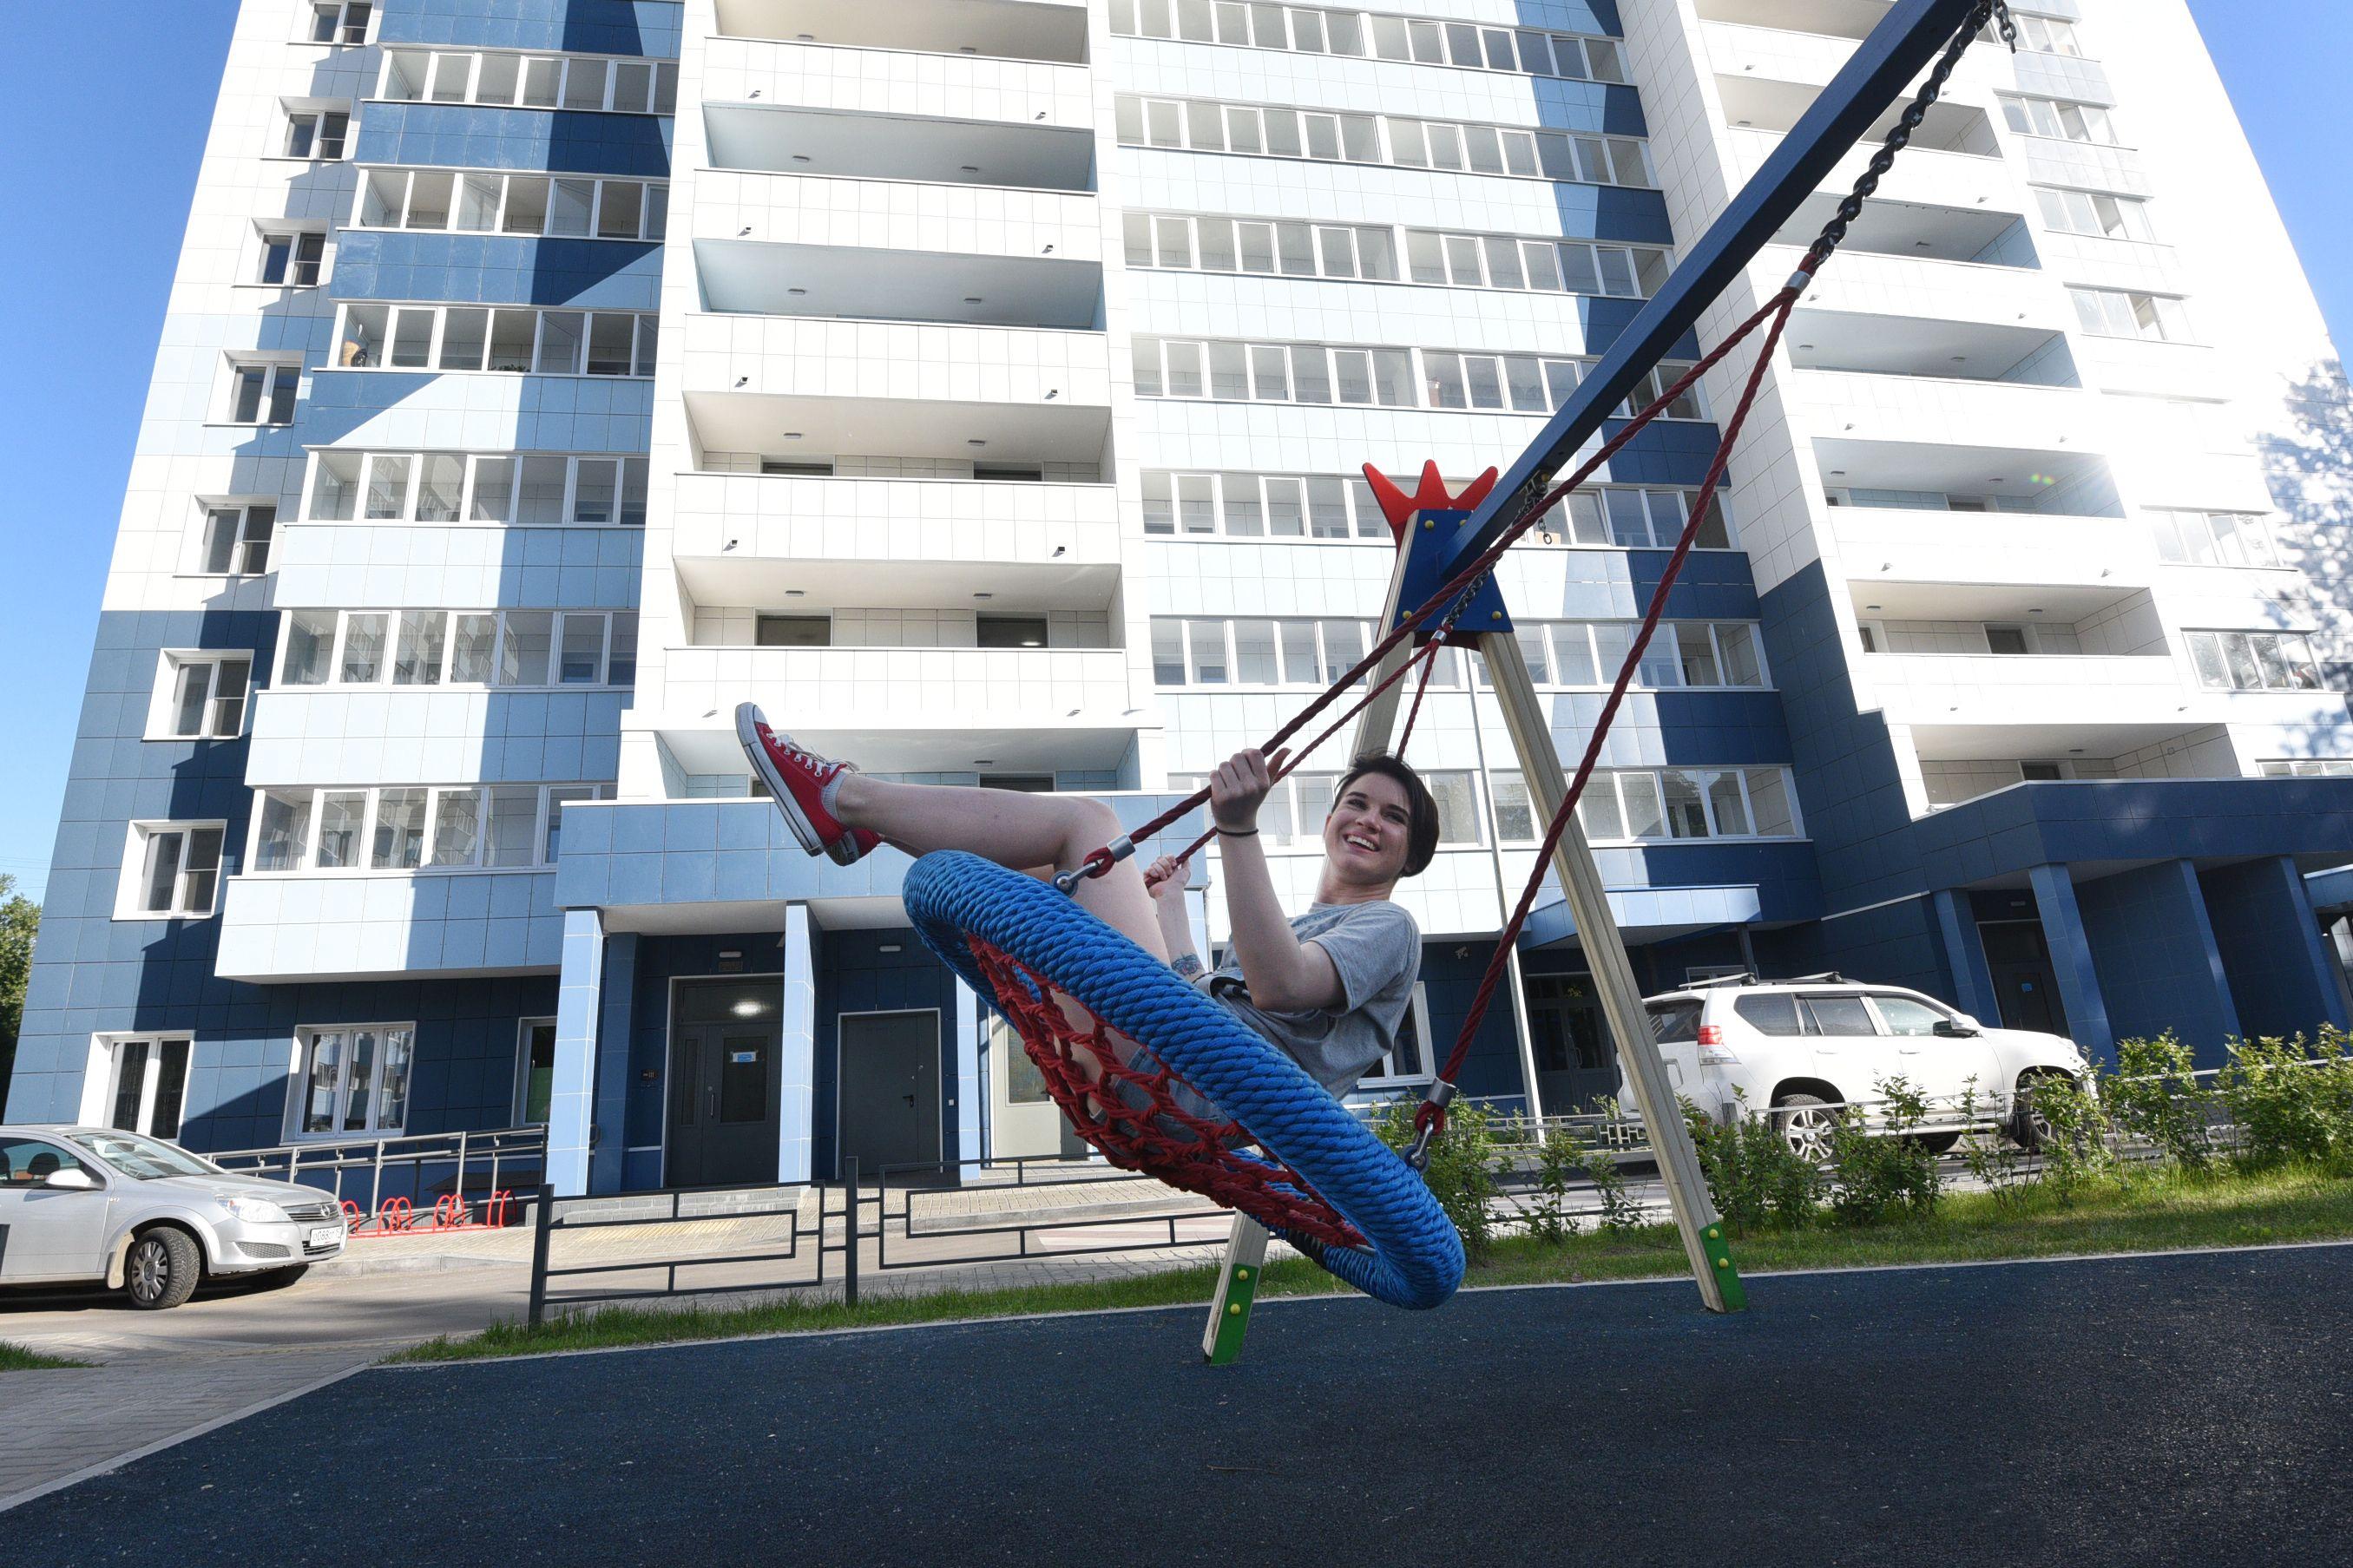 Свыше 10 тысяч рабочих мест создали на первых этажах жилых домов в Новой Москве